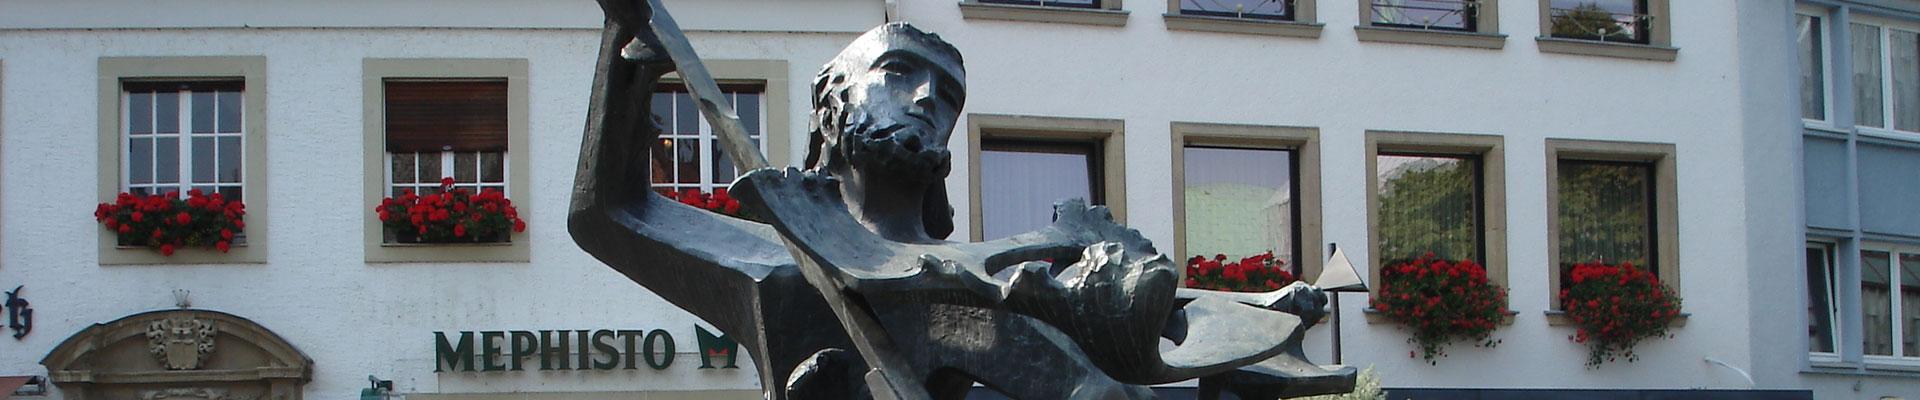 berner* Sachverständige paderborn-header Paderborn